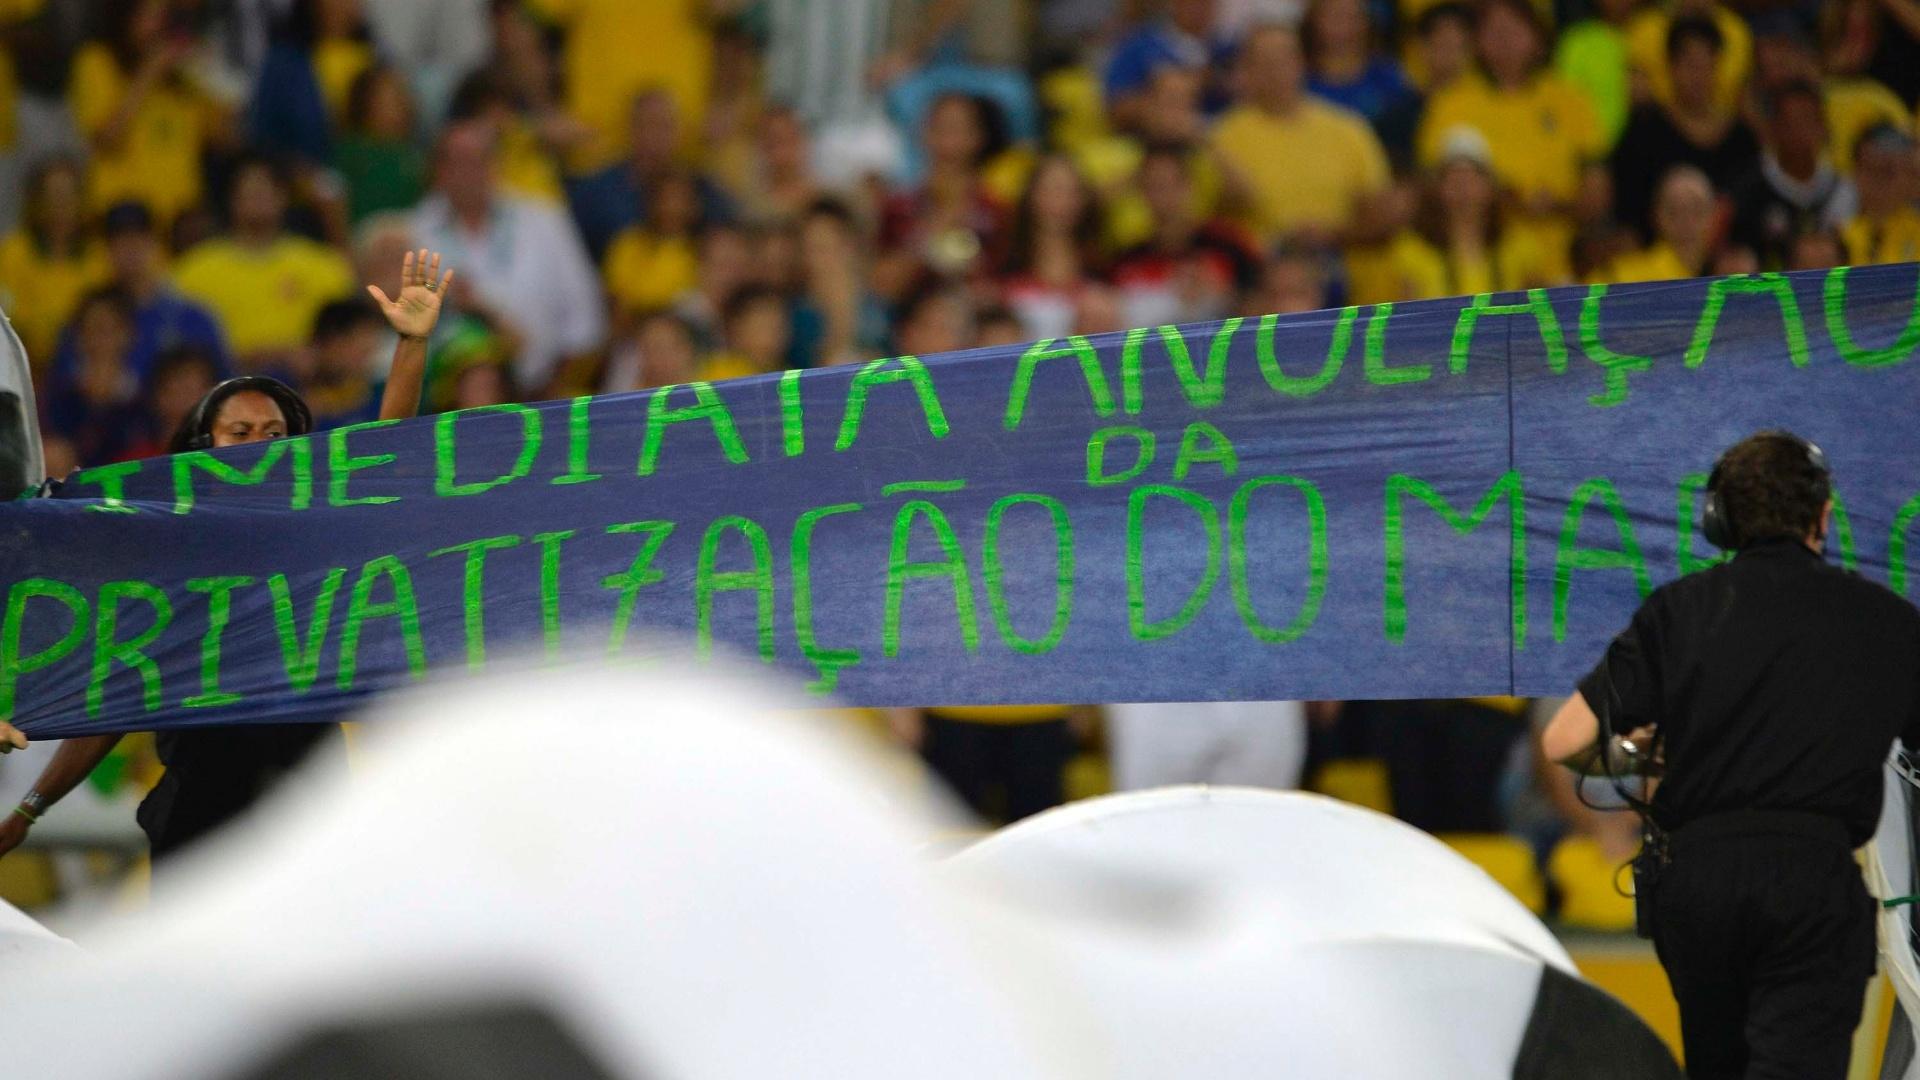 30.jun.2013 - Voluntários exibem faixa de protesto durante cerimônia de encerramento da Copa das Confederações no Maracanã